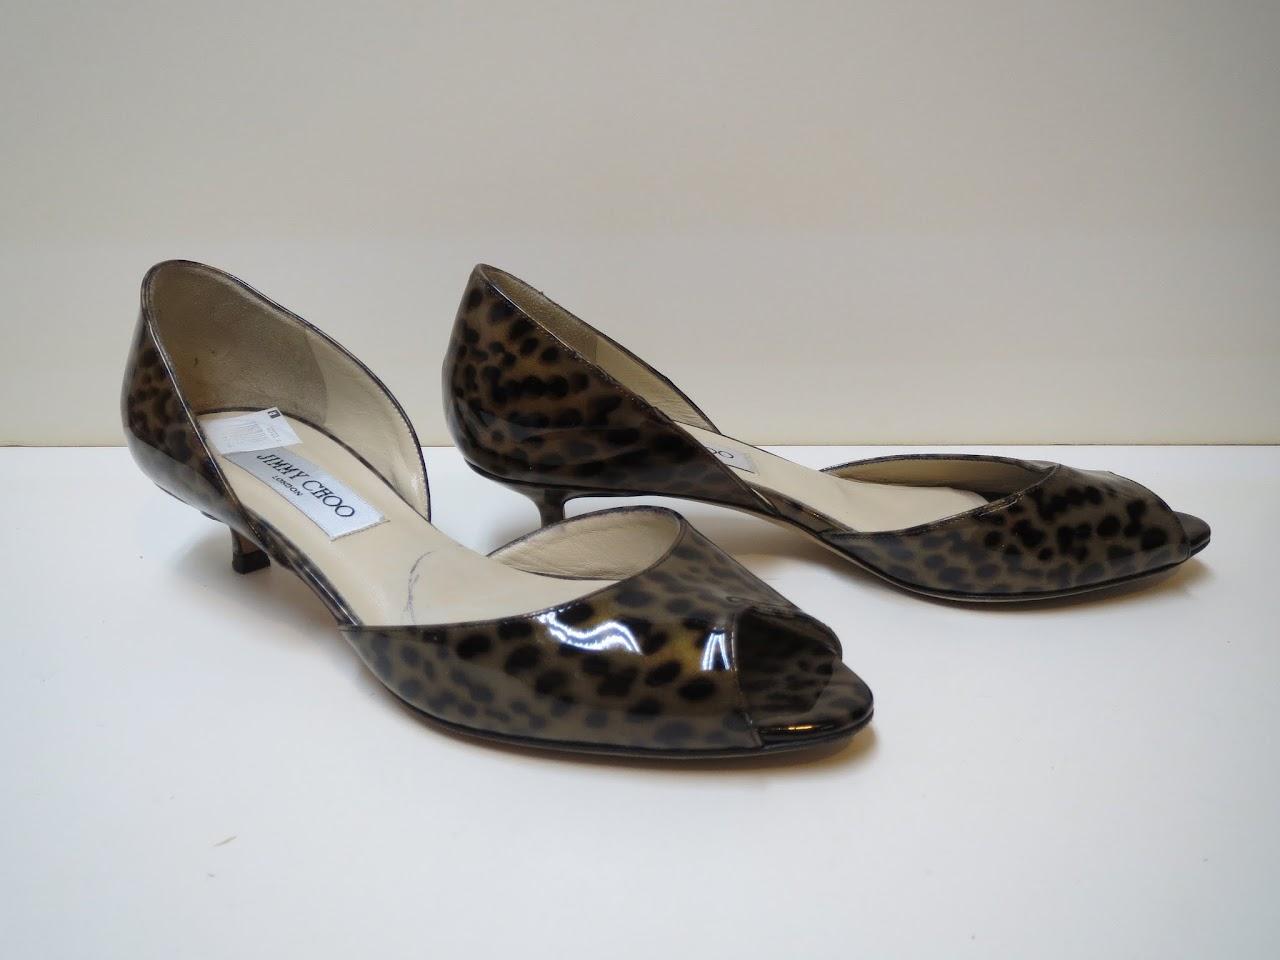 Jimmy Choo Patent Leather Kitten Heels